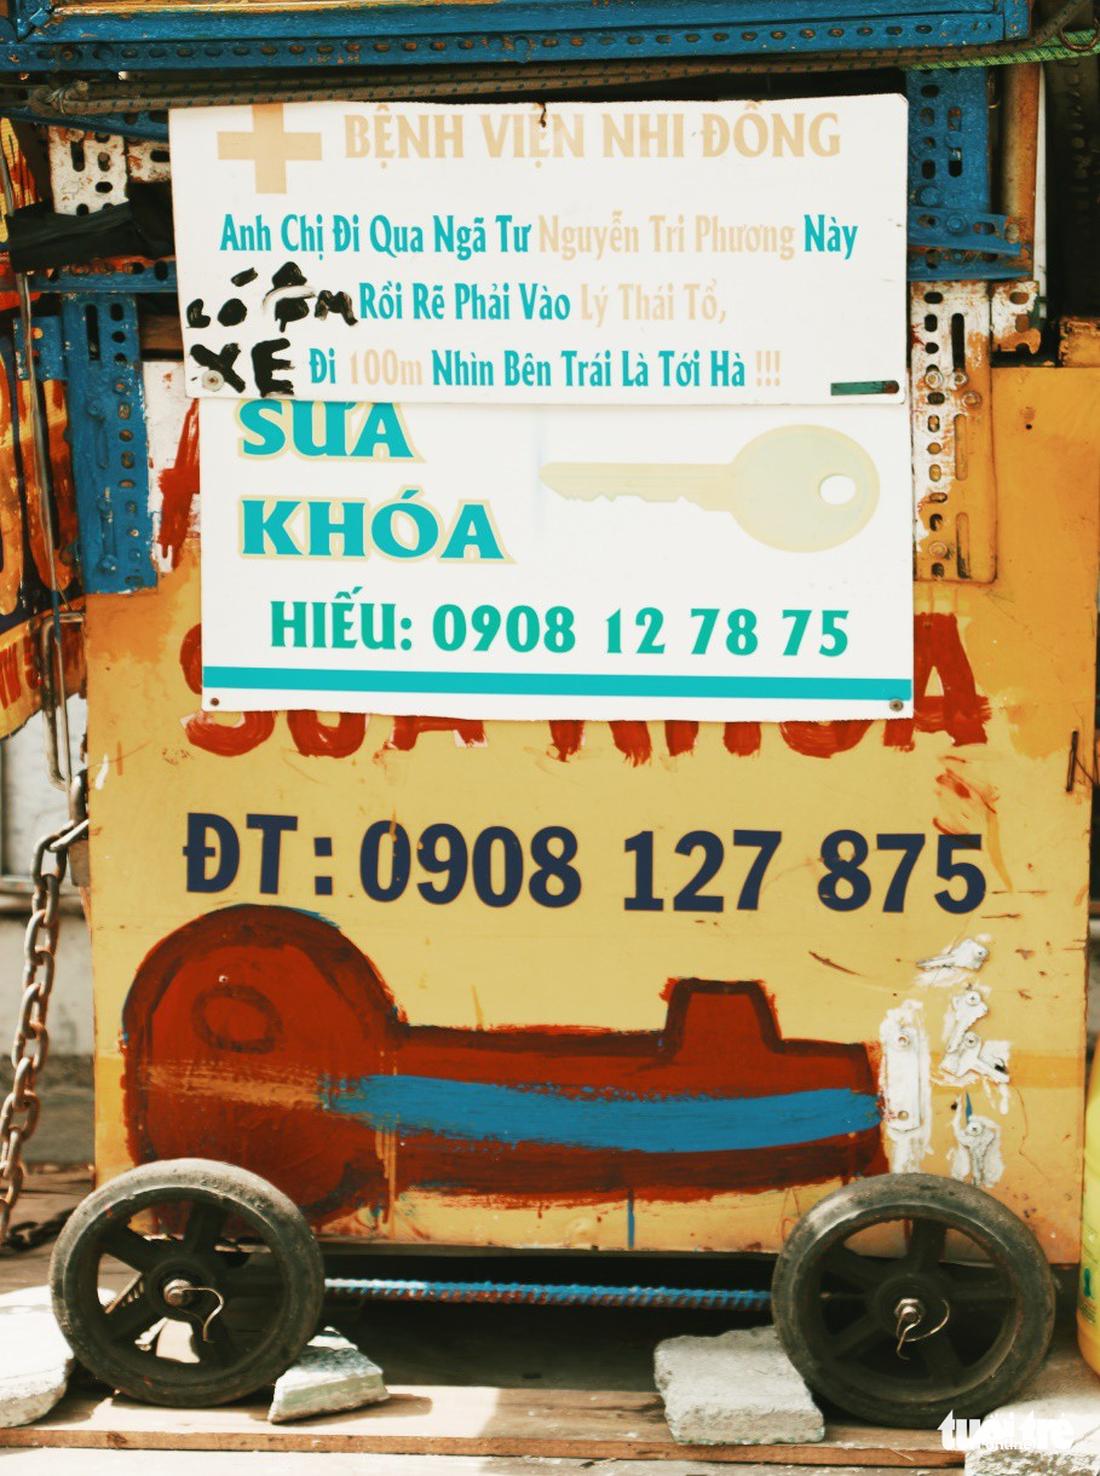 Nhìn những biển hiệu này để thấy Sài Gòn quá đỗi dễ thương - Ảnh 12.